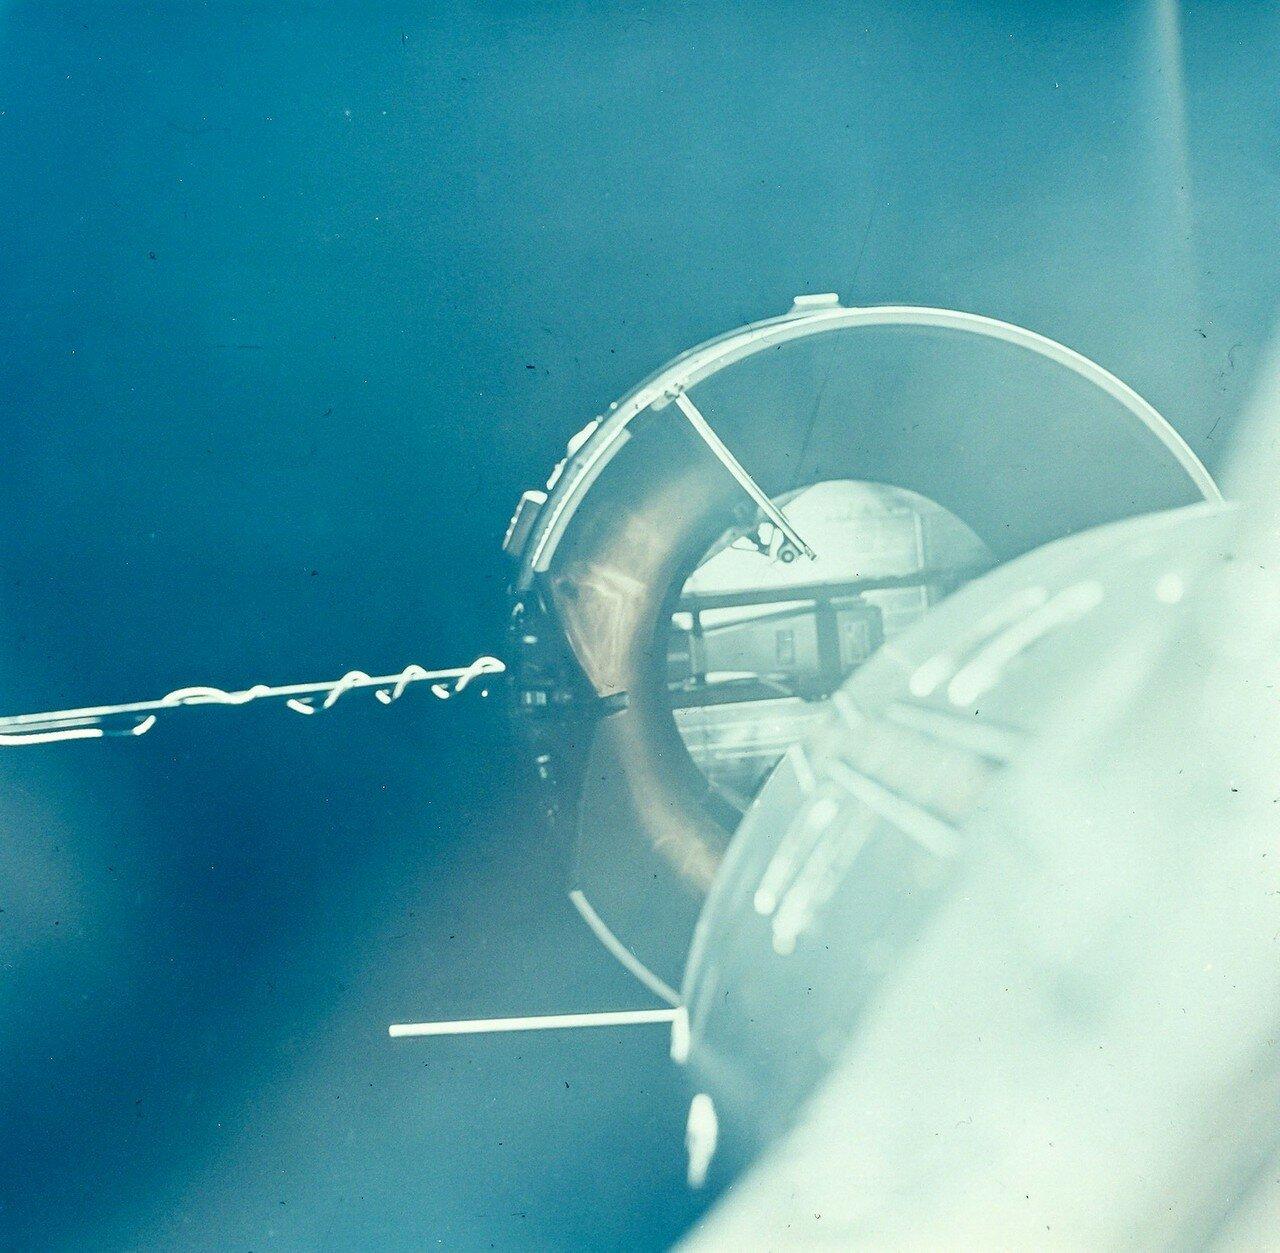 1966, март. Автоматическая система подвела «Джемини» к «Аджене» на расстояние порядка 46 метров, при околонулевой скорости кораблей относительно друг друга; с этого момента окончательное сближение и стыковка выполнялась в ручном режиме.